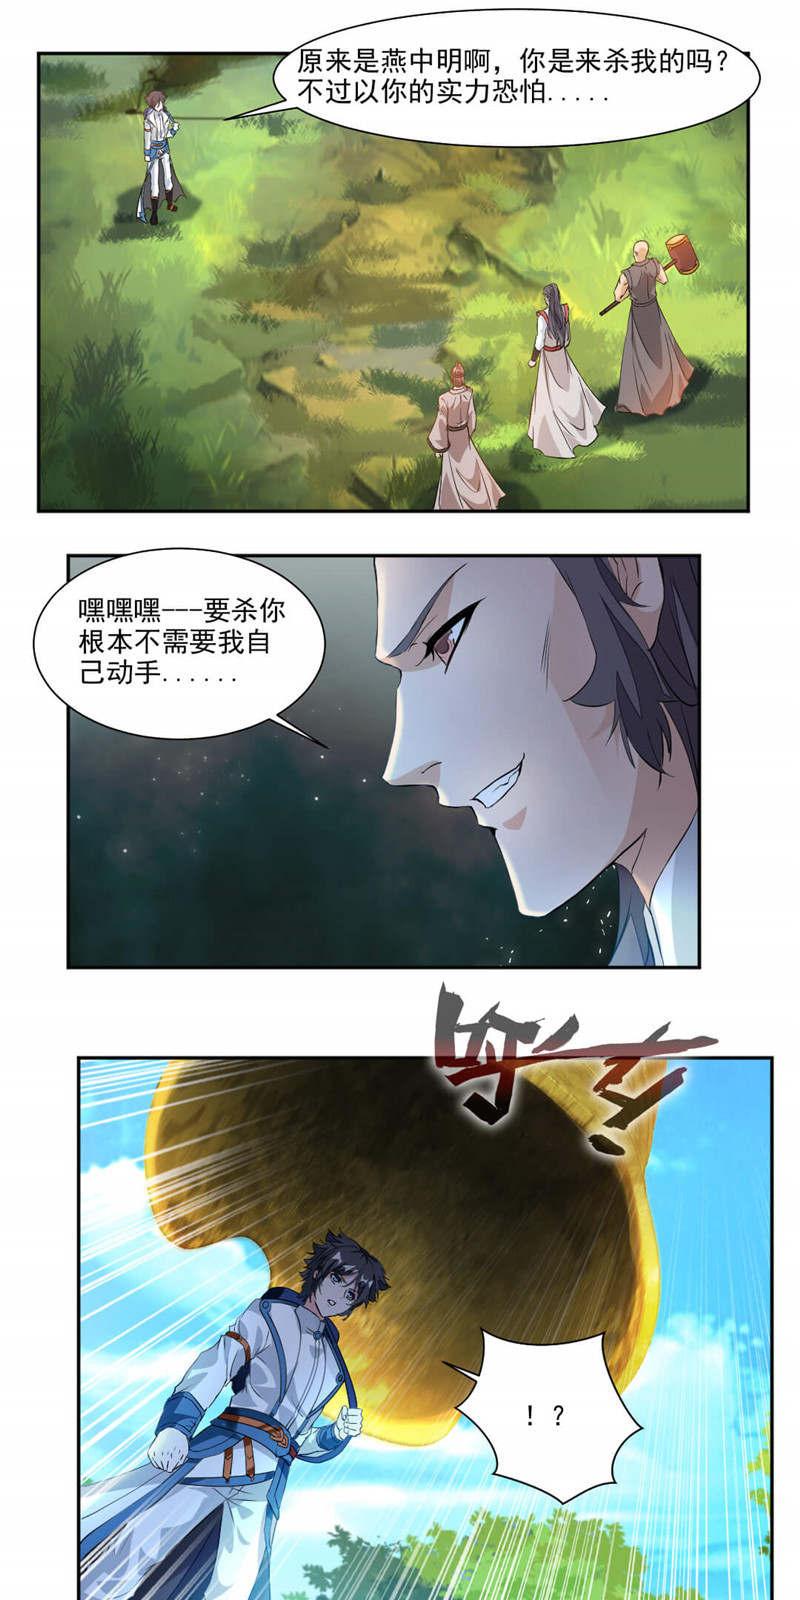 九阳神王第35话  震魂钟+震魂锤=? 第 10